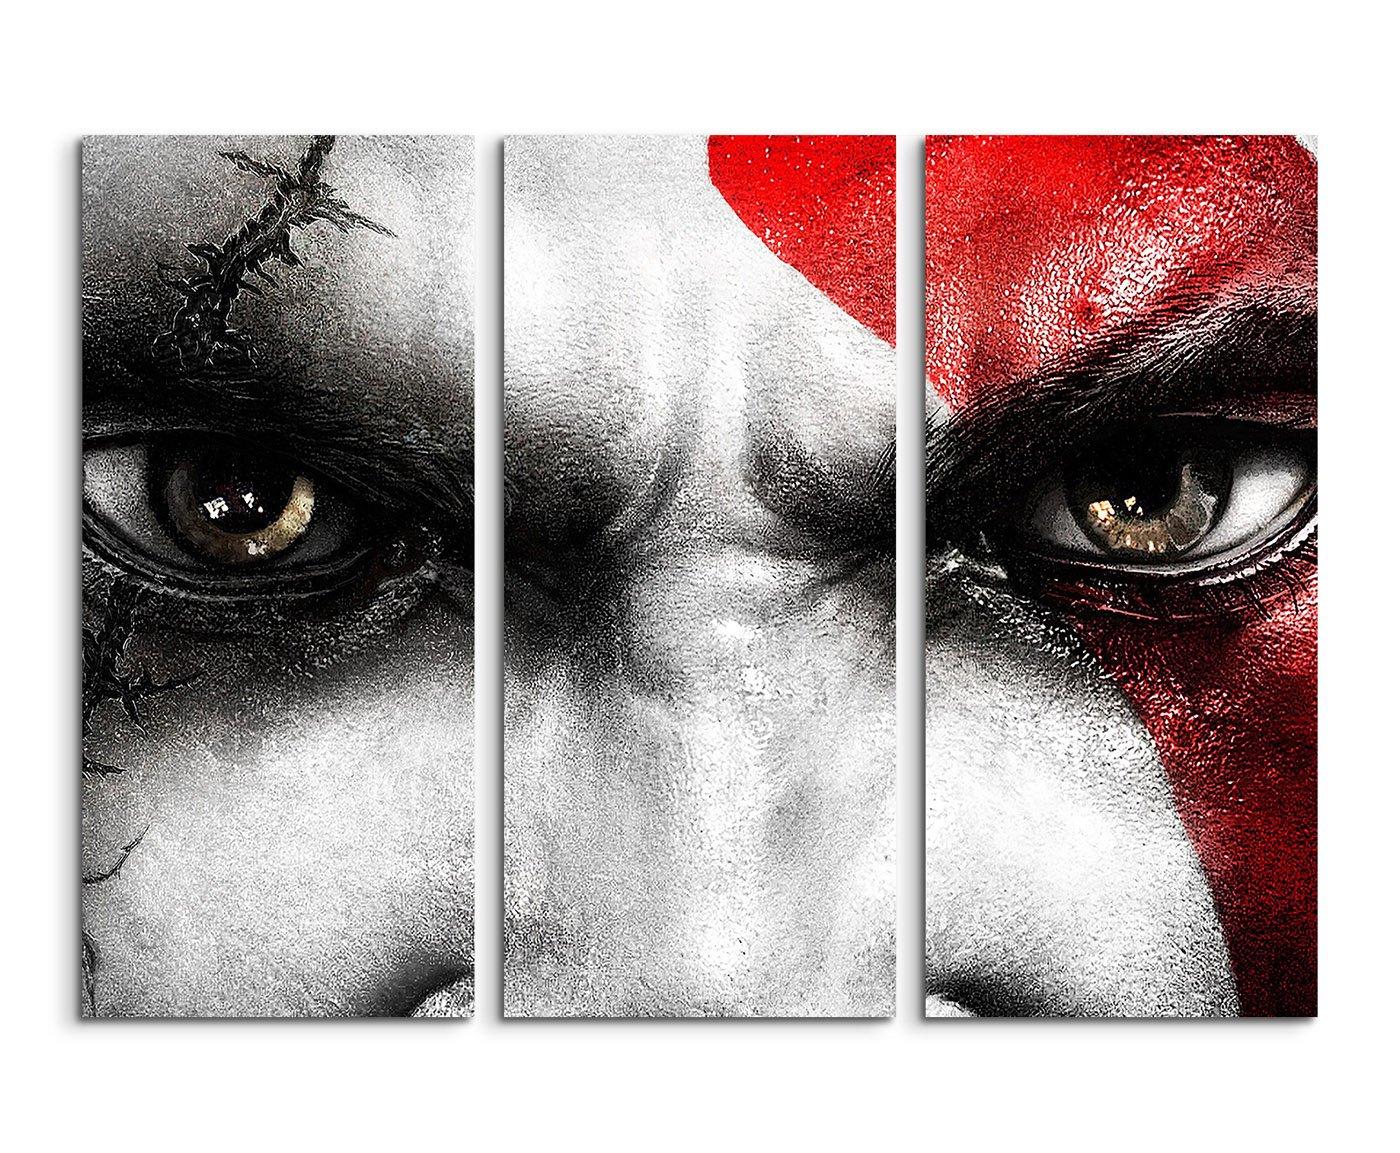 Lot de 3/Tableau sur Toile Kratos Guerre dieu de /_ /_ /_ /_ /_ /_ /_ /_ /_ /_ /_ /_ /_ /_ /_ /_ /_ /_ /_ /_ /_ 3/x 90/x 40/cm Total Taille 120/x 90/cm /_ Ausf/ührung Finition superbe Impression sur toile comme un v/éritable Tableau mura